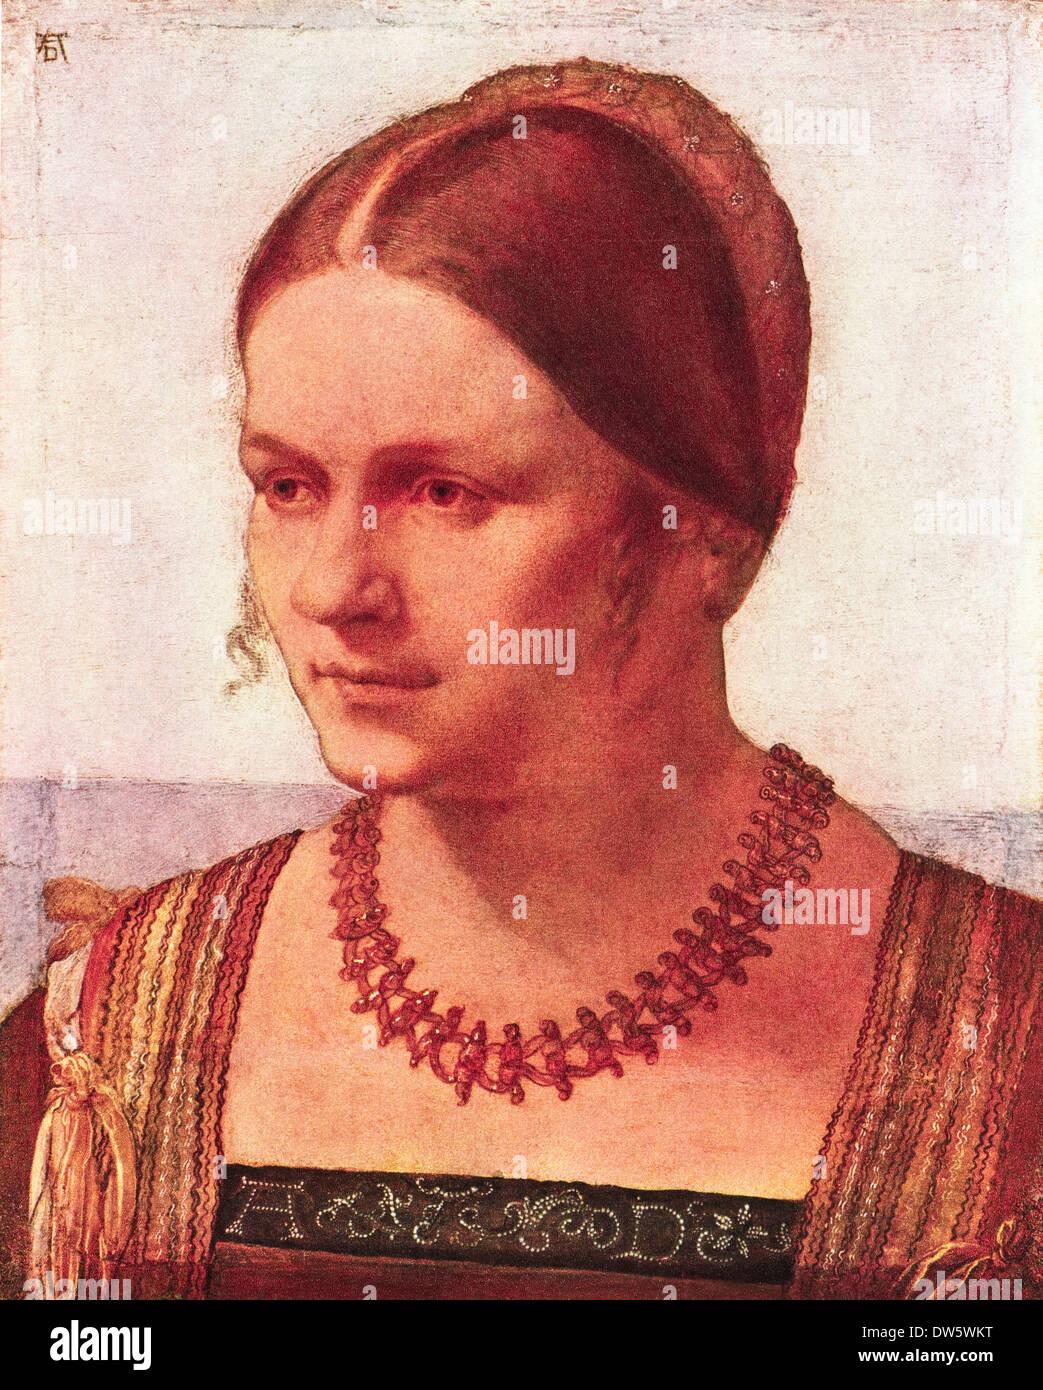 Porträt der jungen Frau Öl auf Holz von Albrecht Dürer ca. 1506 deutscher Künstler 1471-1528 Stockbild